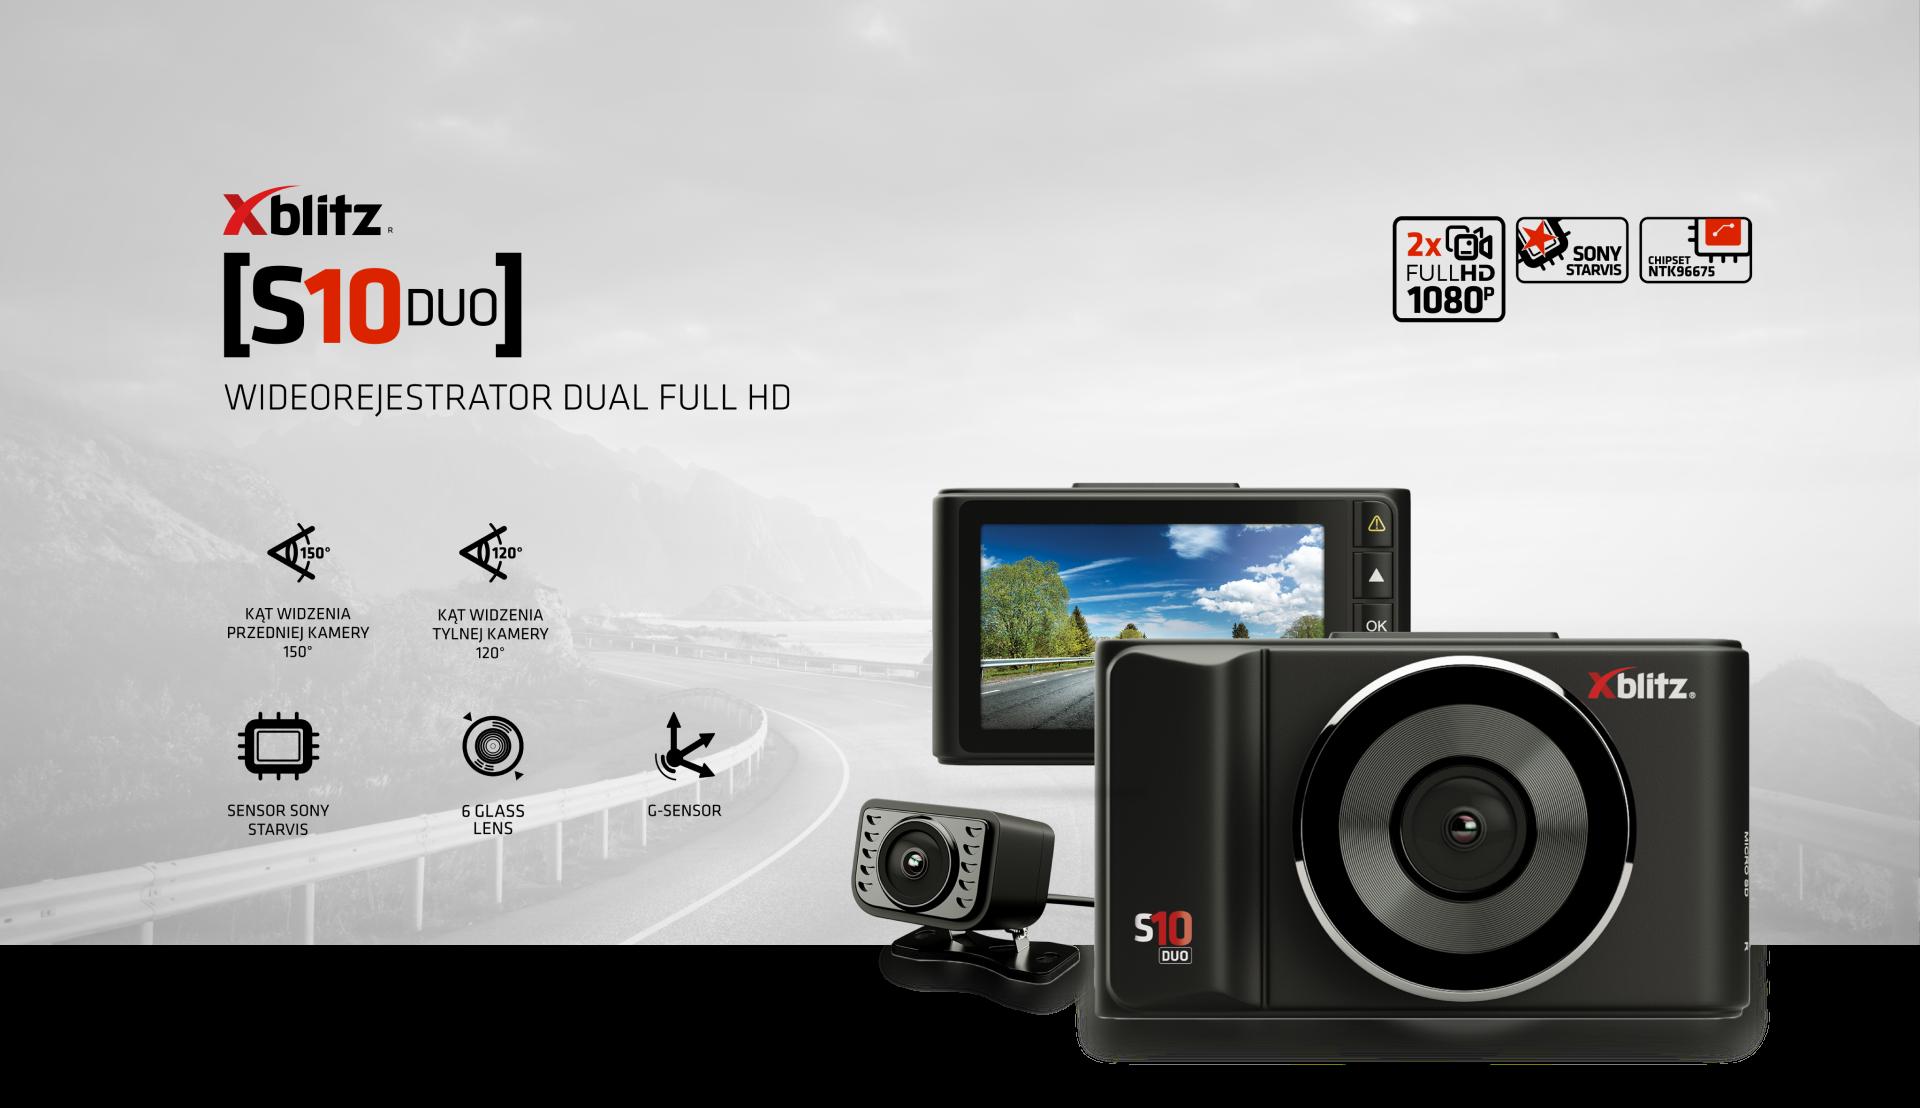 Xblitz S10 Duo to zestaw dwóch kamer samochodowych - przedniej i tylnej - które nagrywają obraz w rozdzielczości Full HD, dając Ci pełną kontrolę nad tym, co dzieje się po obu stronach Twojego pojazdu. Tylna kamera może być dodatkowo wykorzystana przy parkowaniu jako kamera cofania.